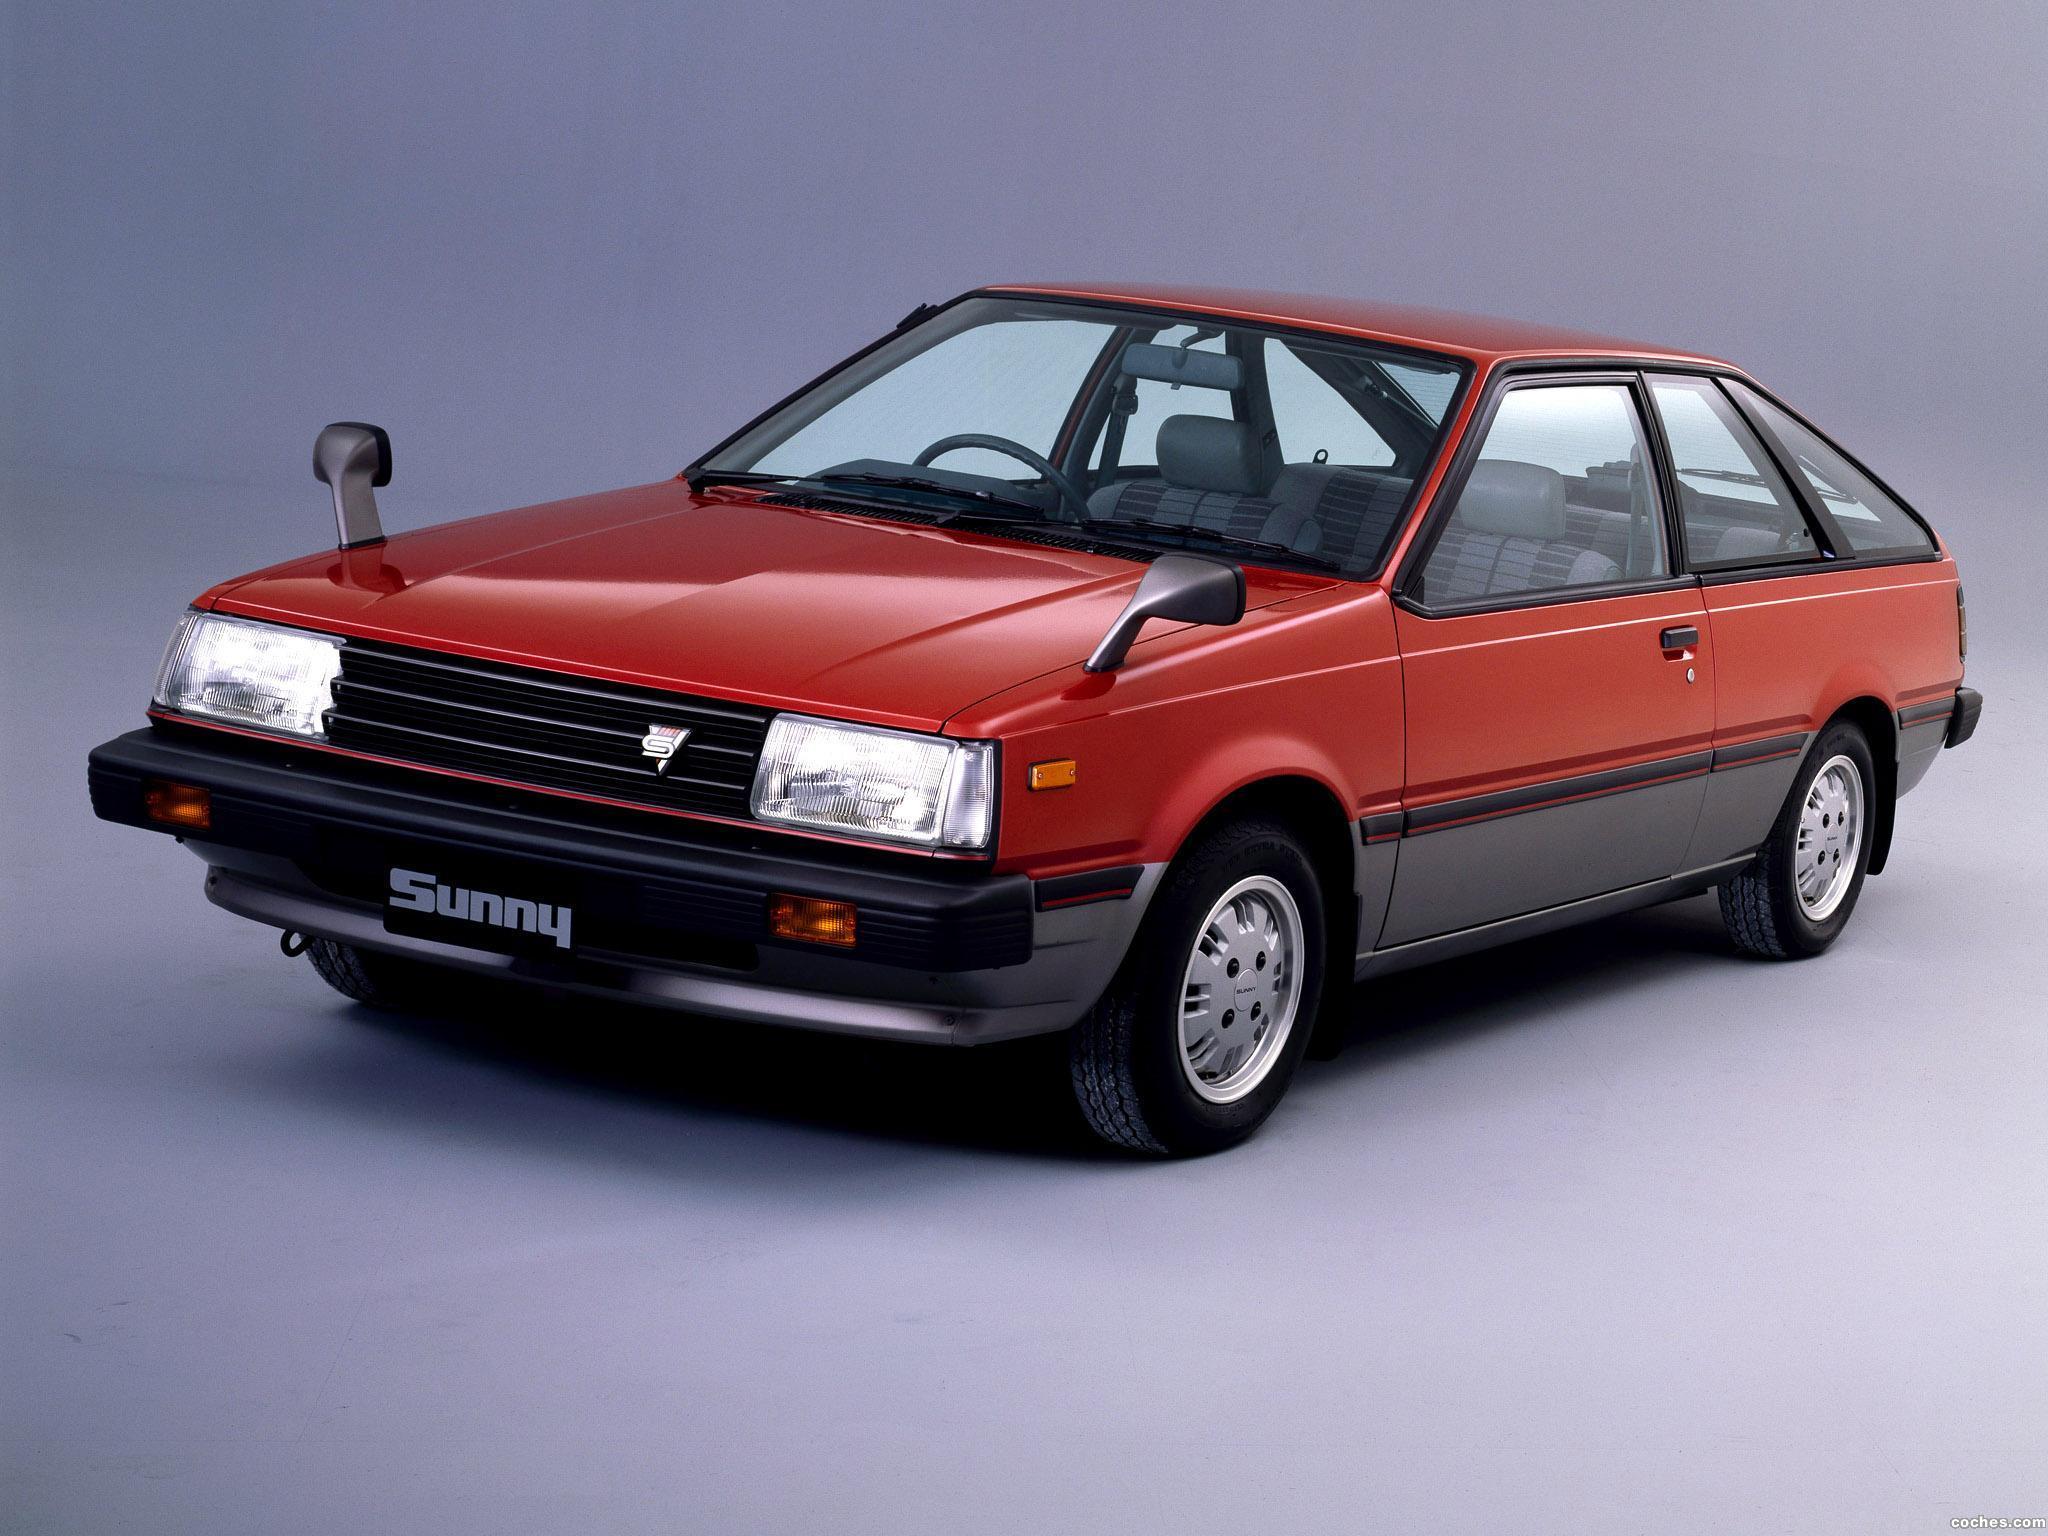 Foto 0 de Nissan Sunny Coupe SGXE B11 Japan 1983